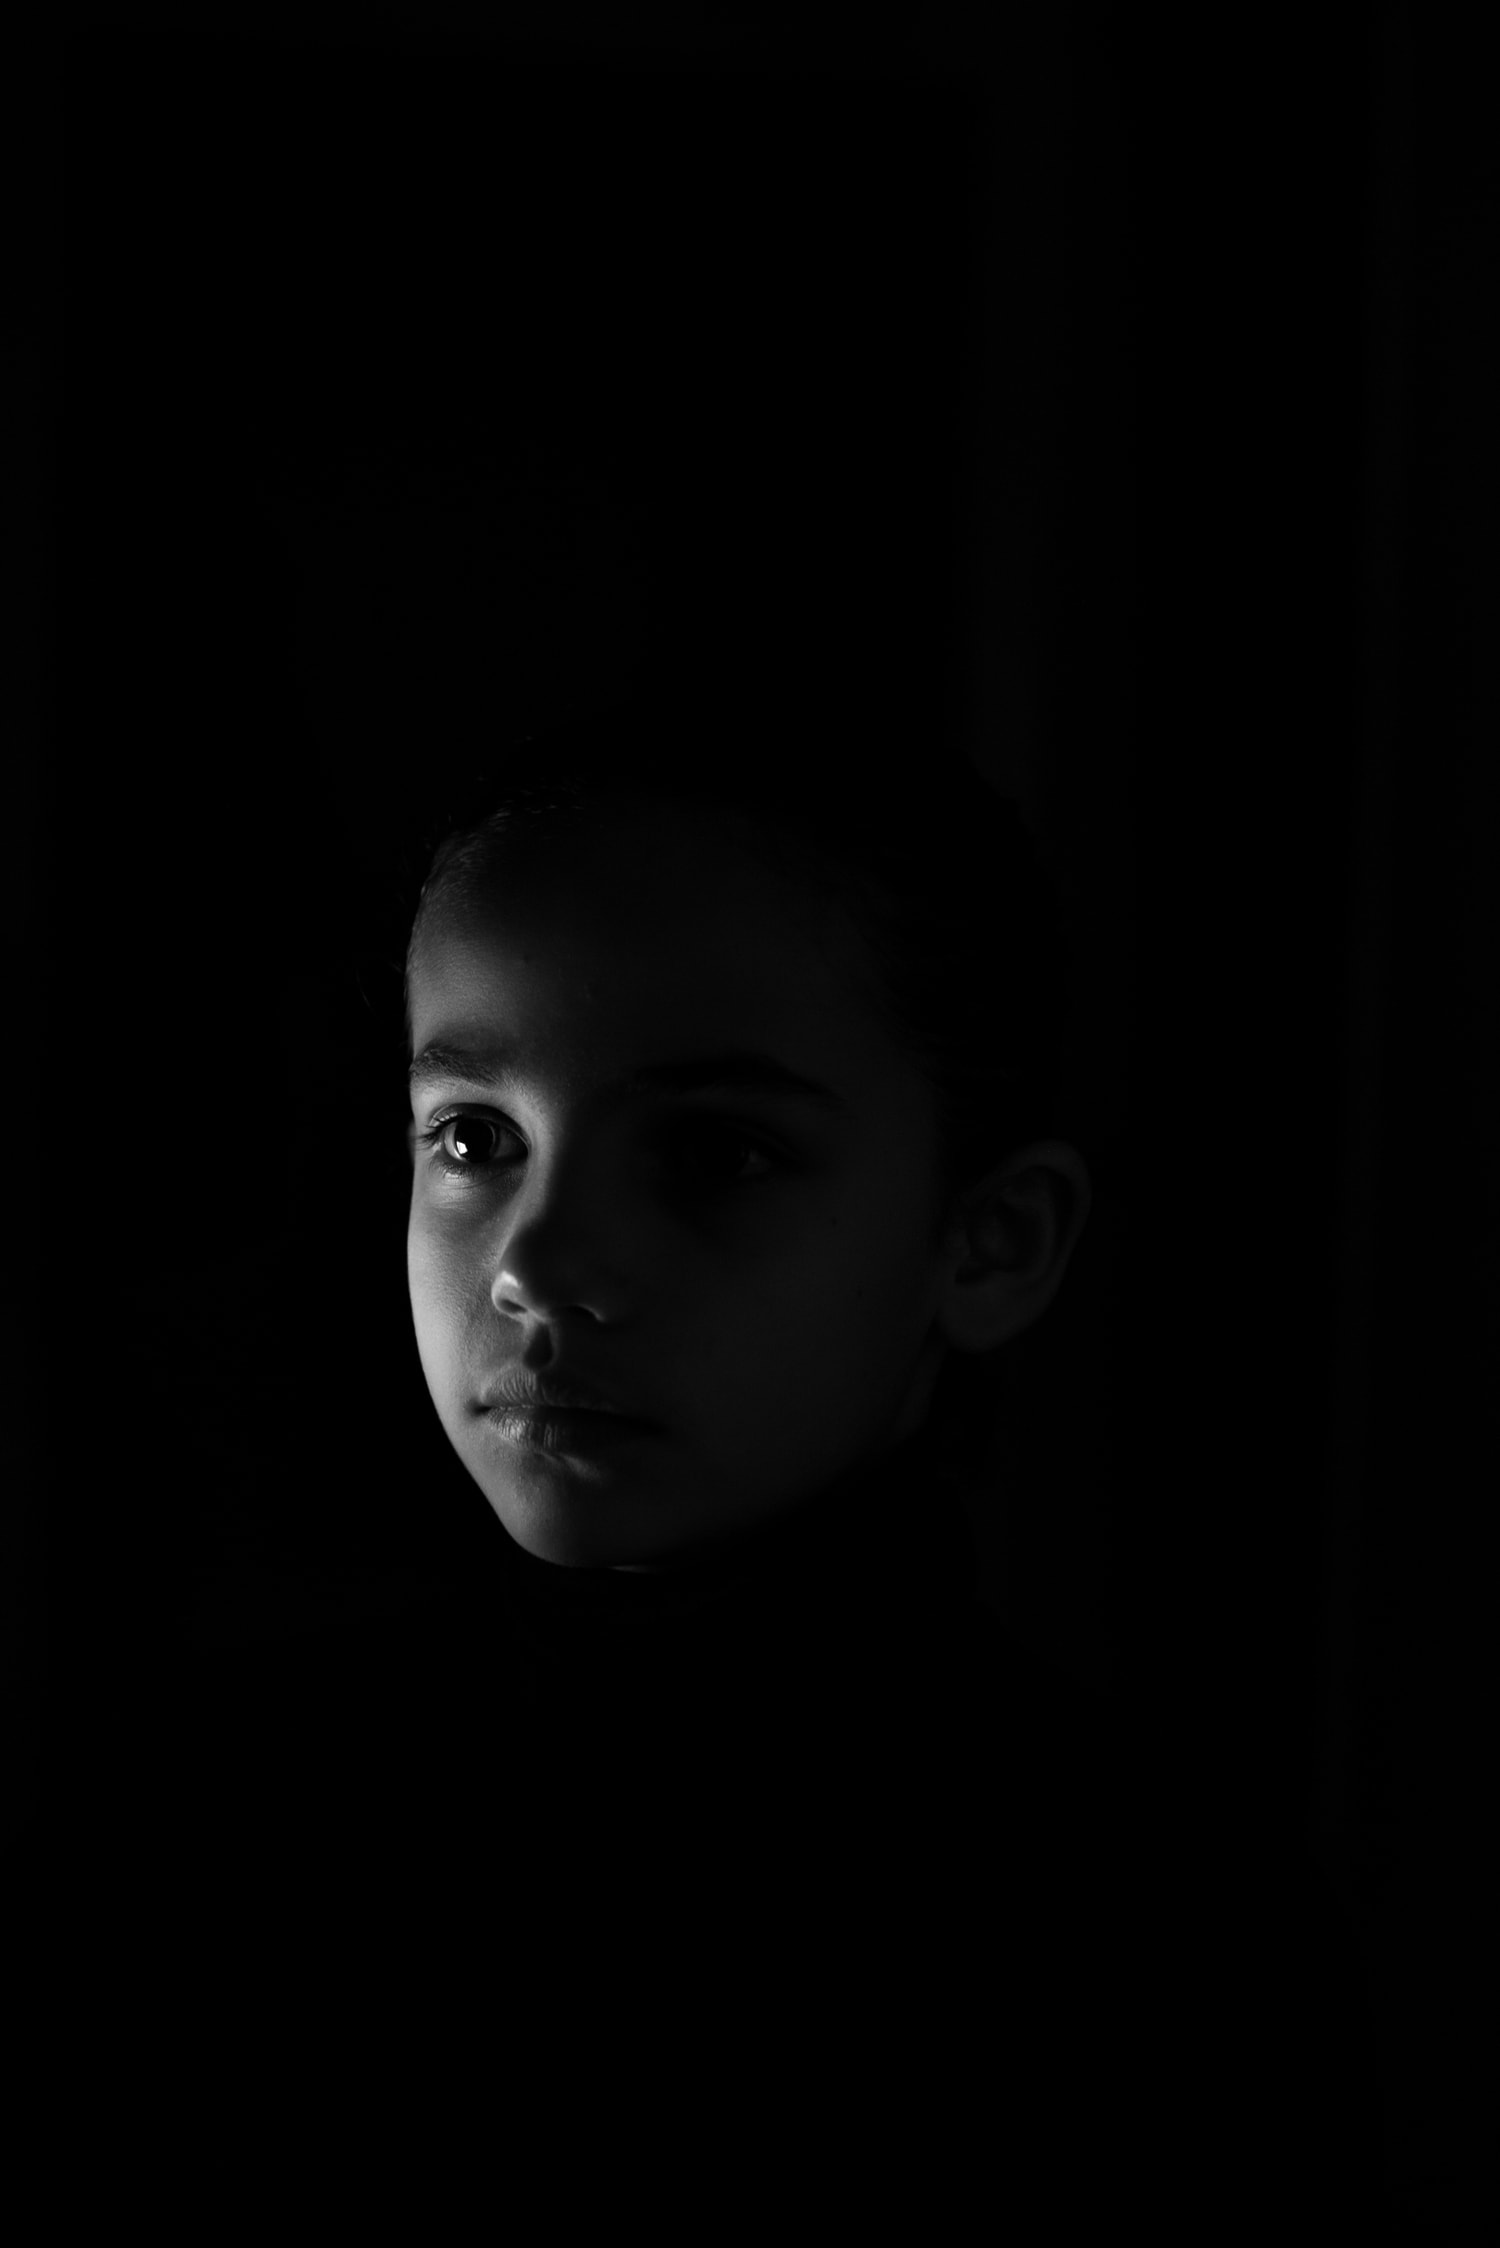 retrato revelado en blanco y negro en clave baja